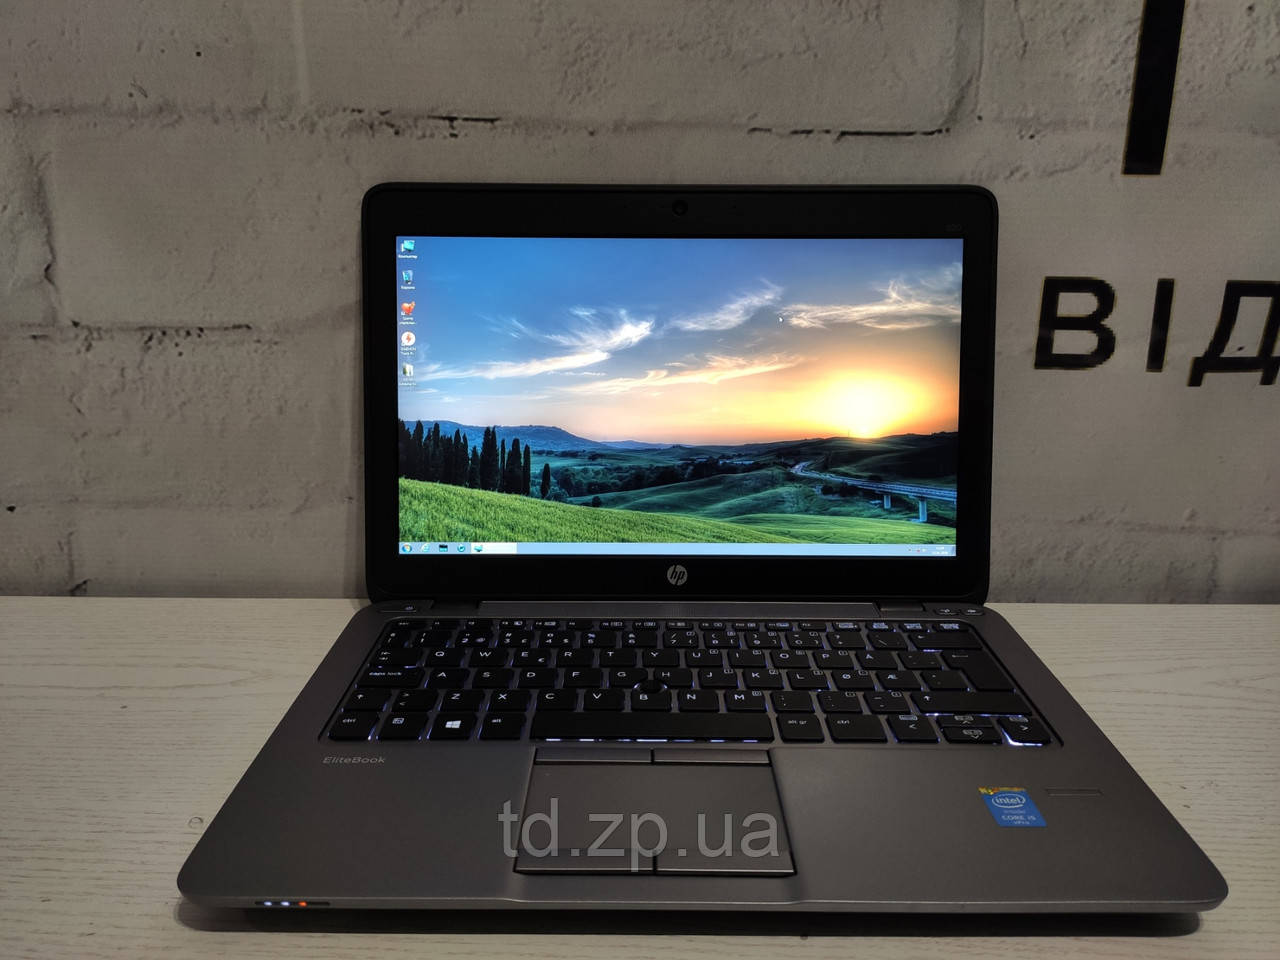 """Ноутбук HP Probook 820 G2 12.5"""" /Intel Core i5-5300u/ DDR3 8Gb/SSD 128Gb/Intel HD Graphics 5500"""